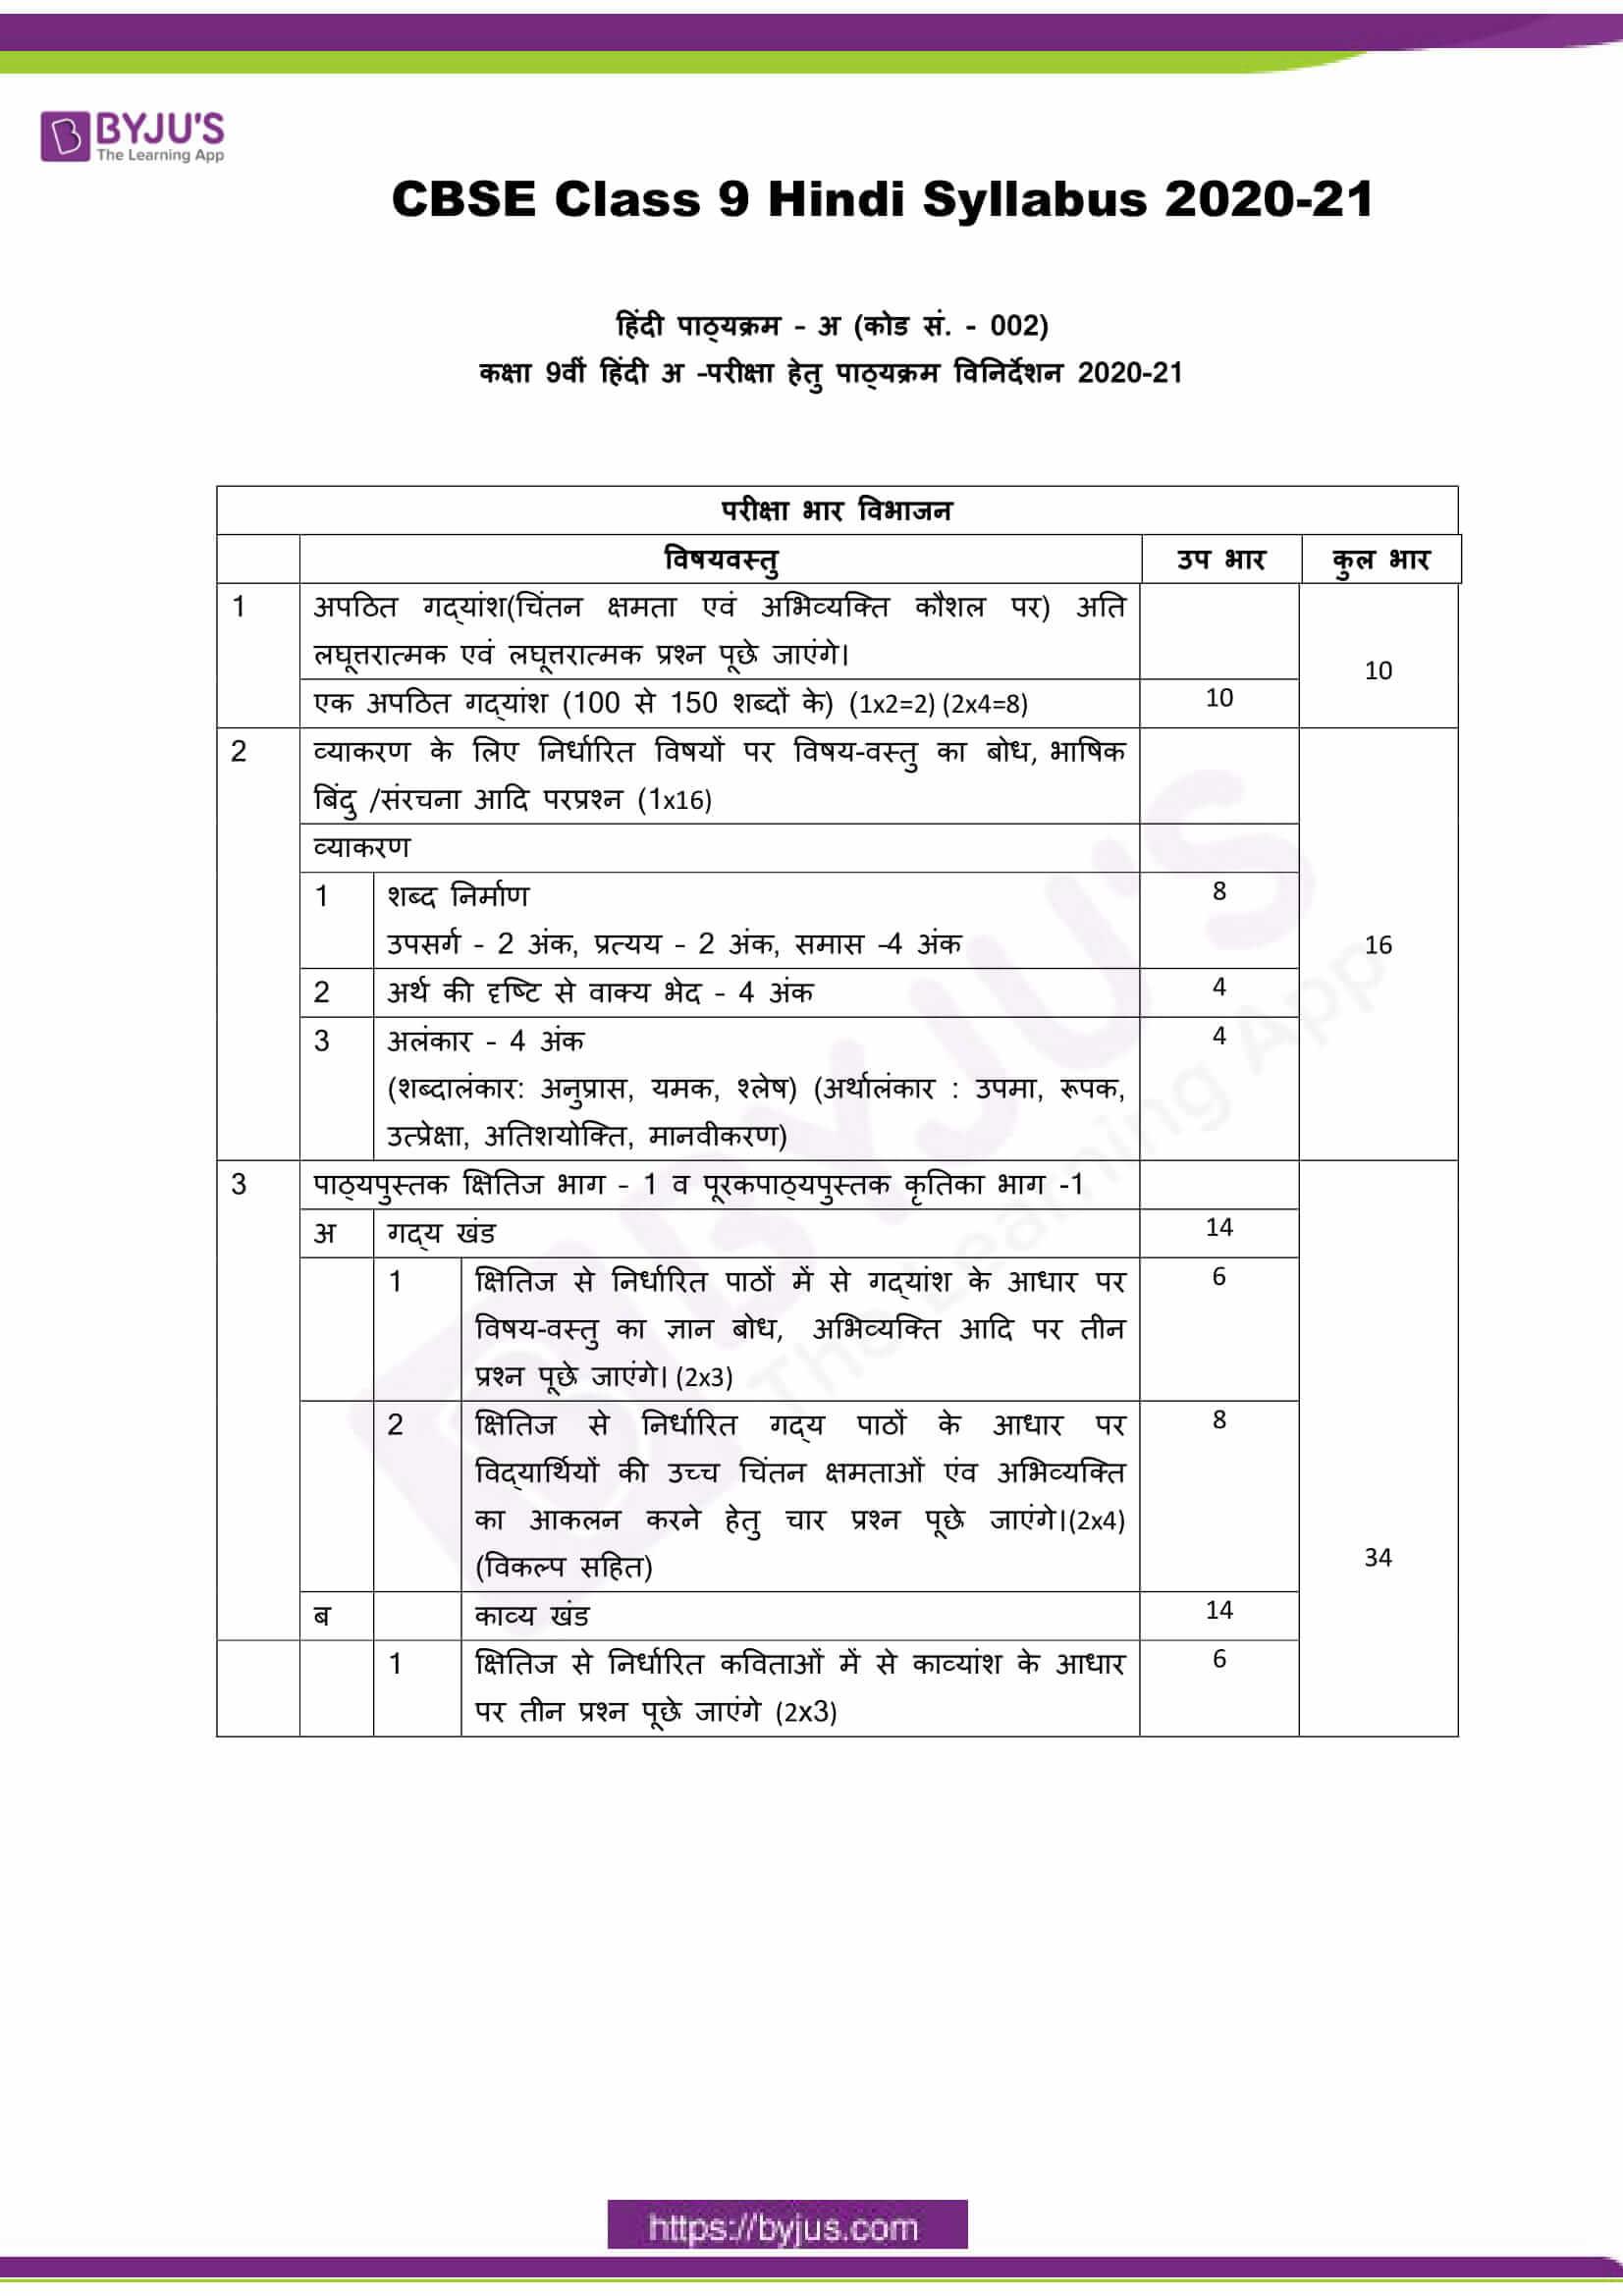 cbse class 9 hindi a sylbus 2020 21 1